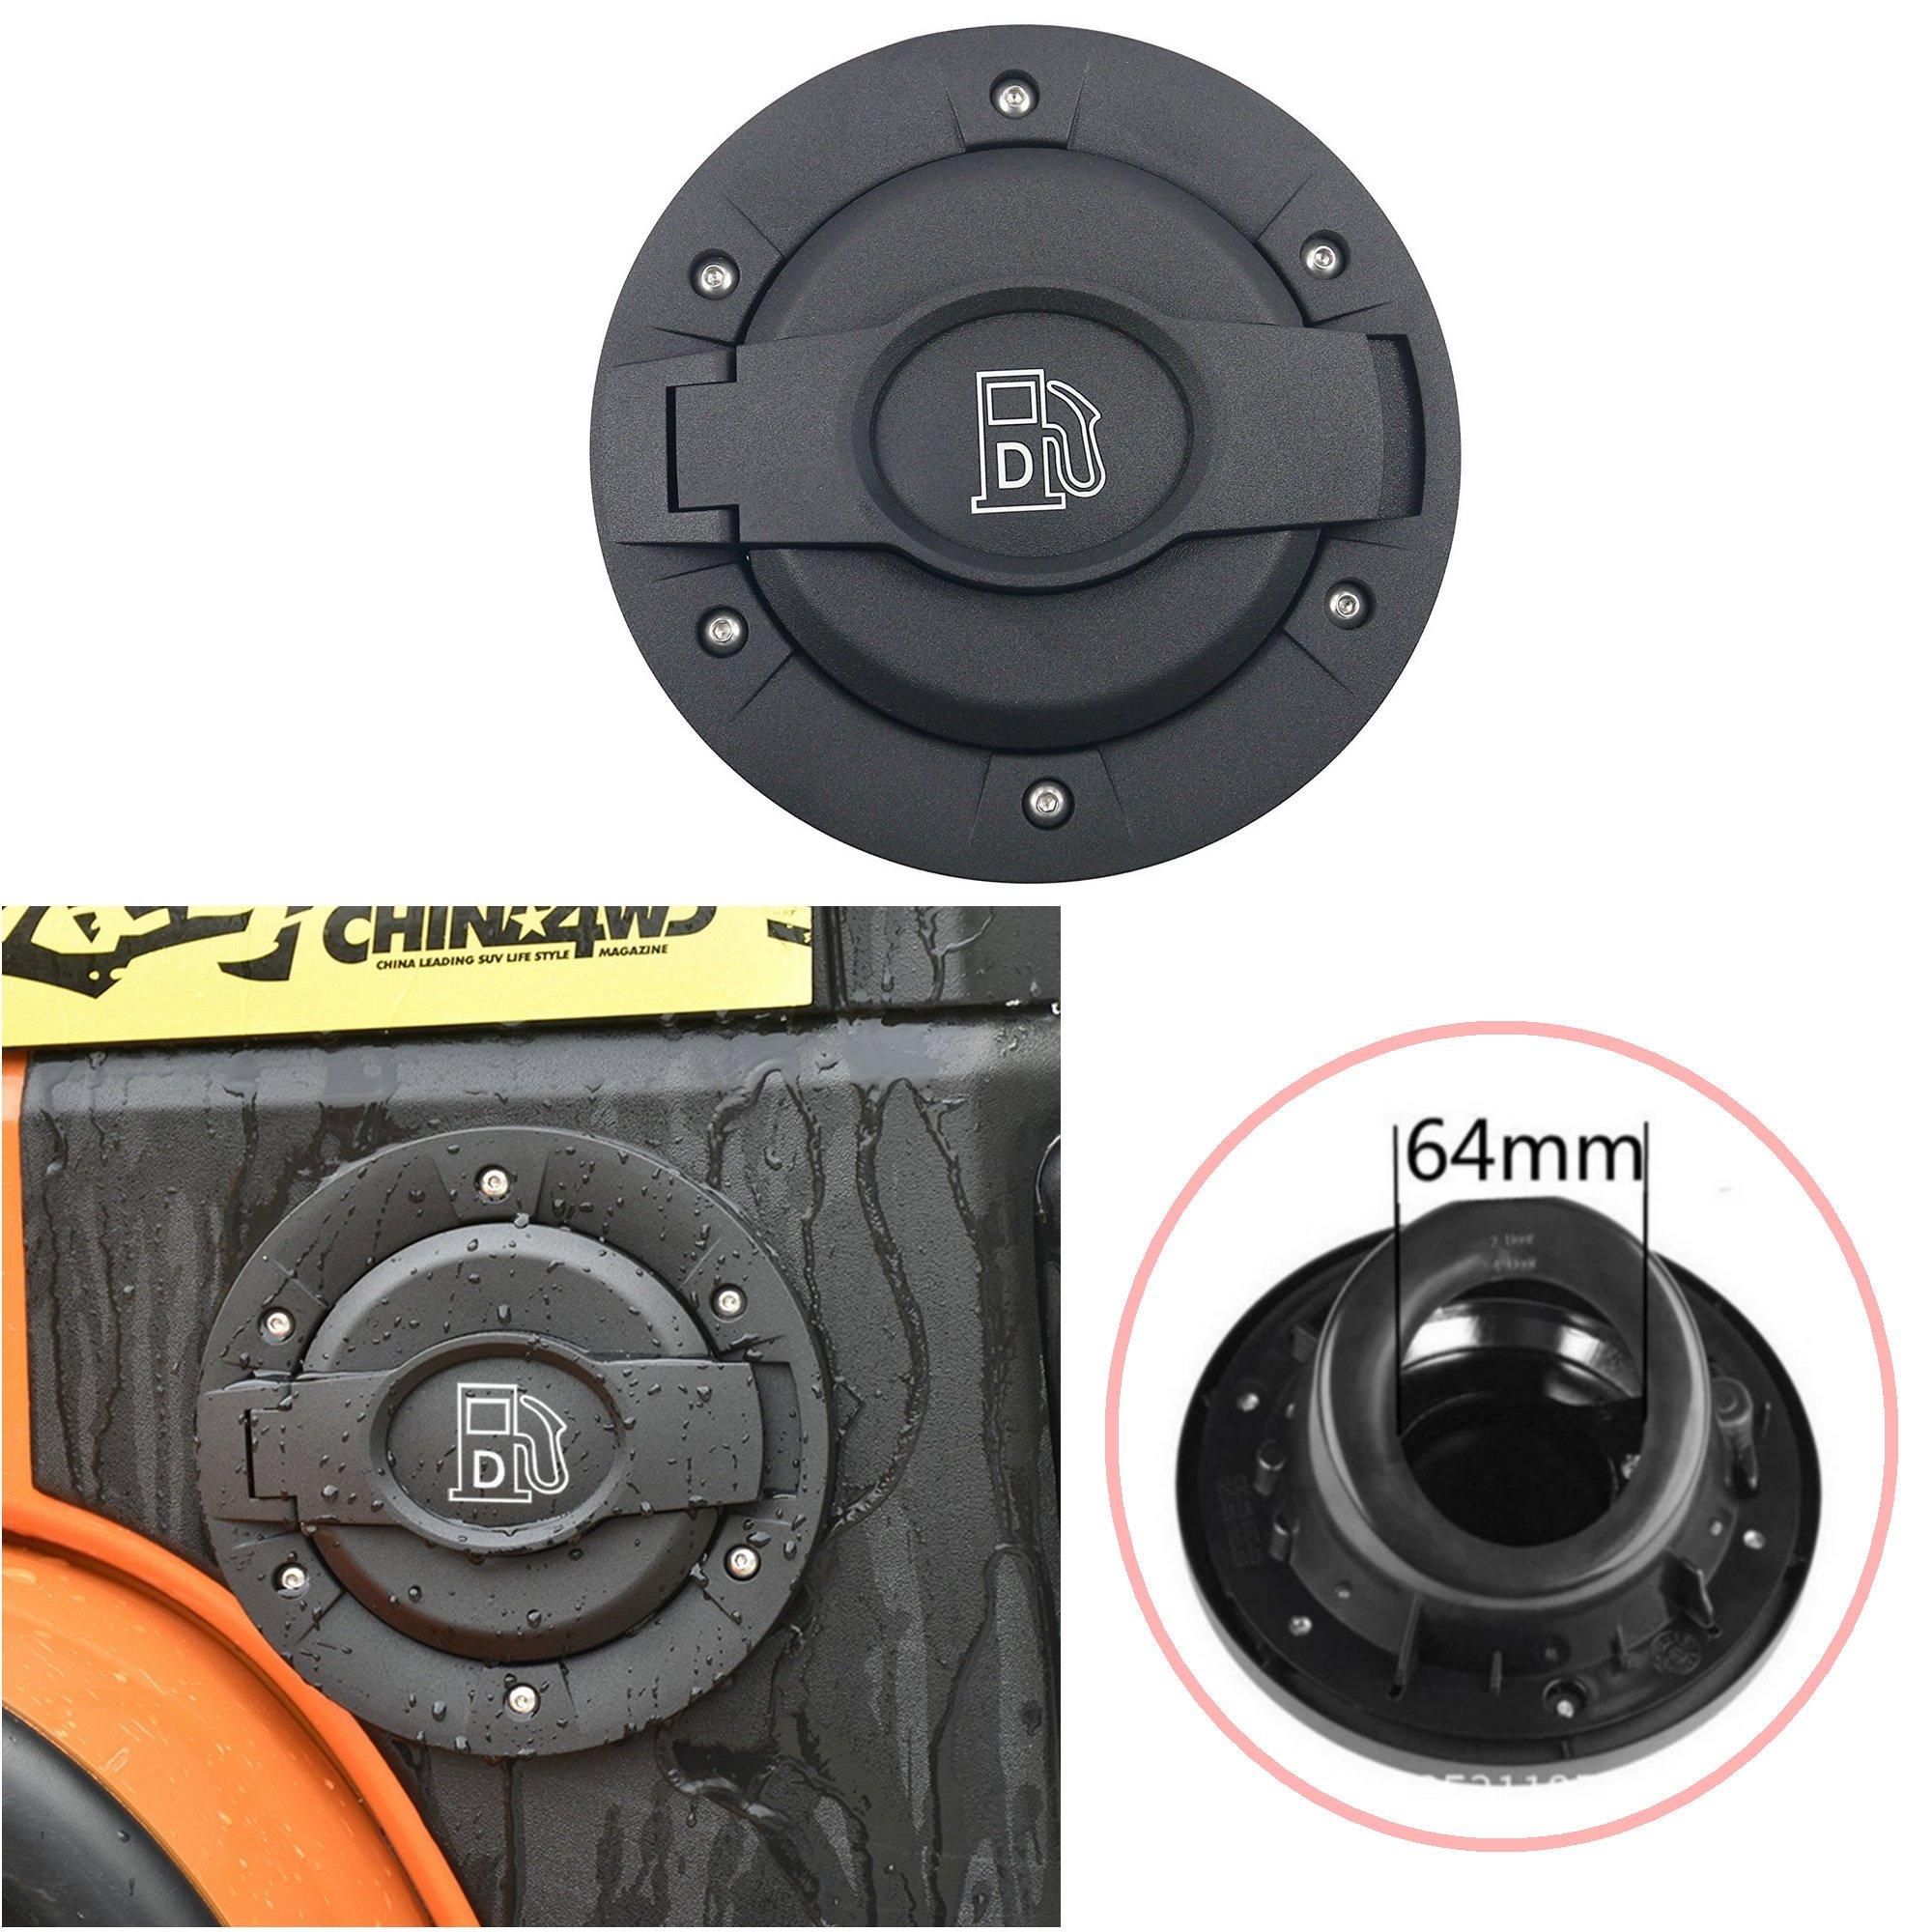 Gas Cap Fuel Filler Tank Door Pop-up Cover Lock for 07-17 Jeep Wrangler JK JKU